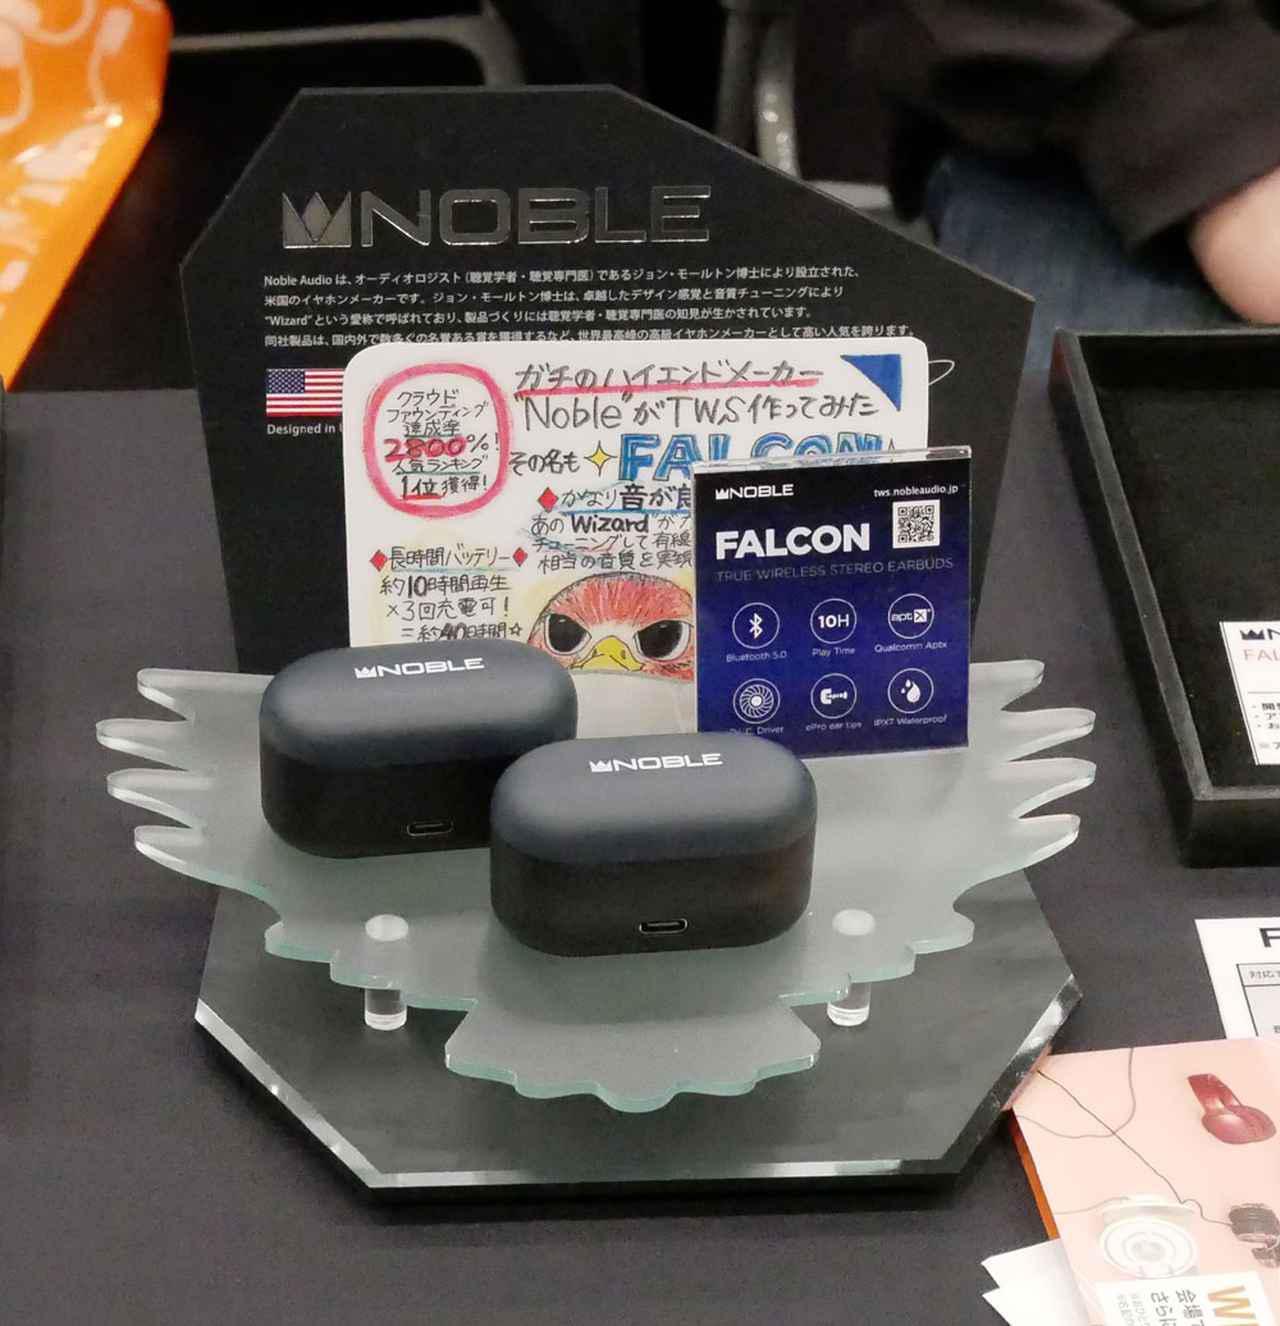 画像: ▲エミライブースでは、NOBLEブランドの完全ワイヤレスイヤホン「FALCON」をメインに展示。発売時にアナウンスしていたスマホ用アプリも、年内には公開できるそう